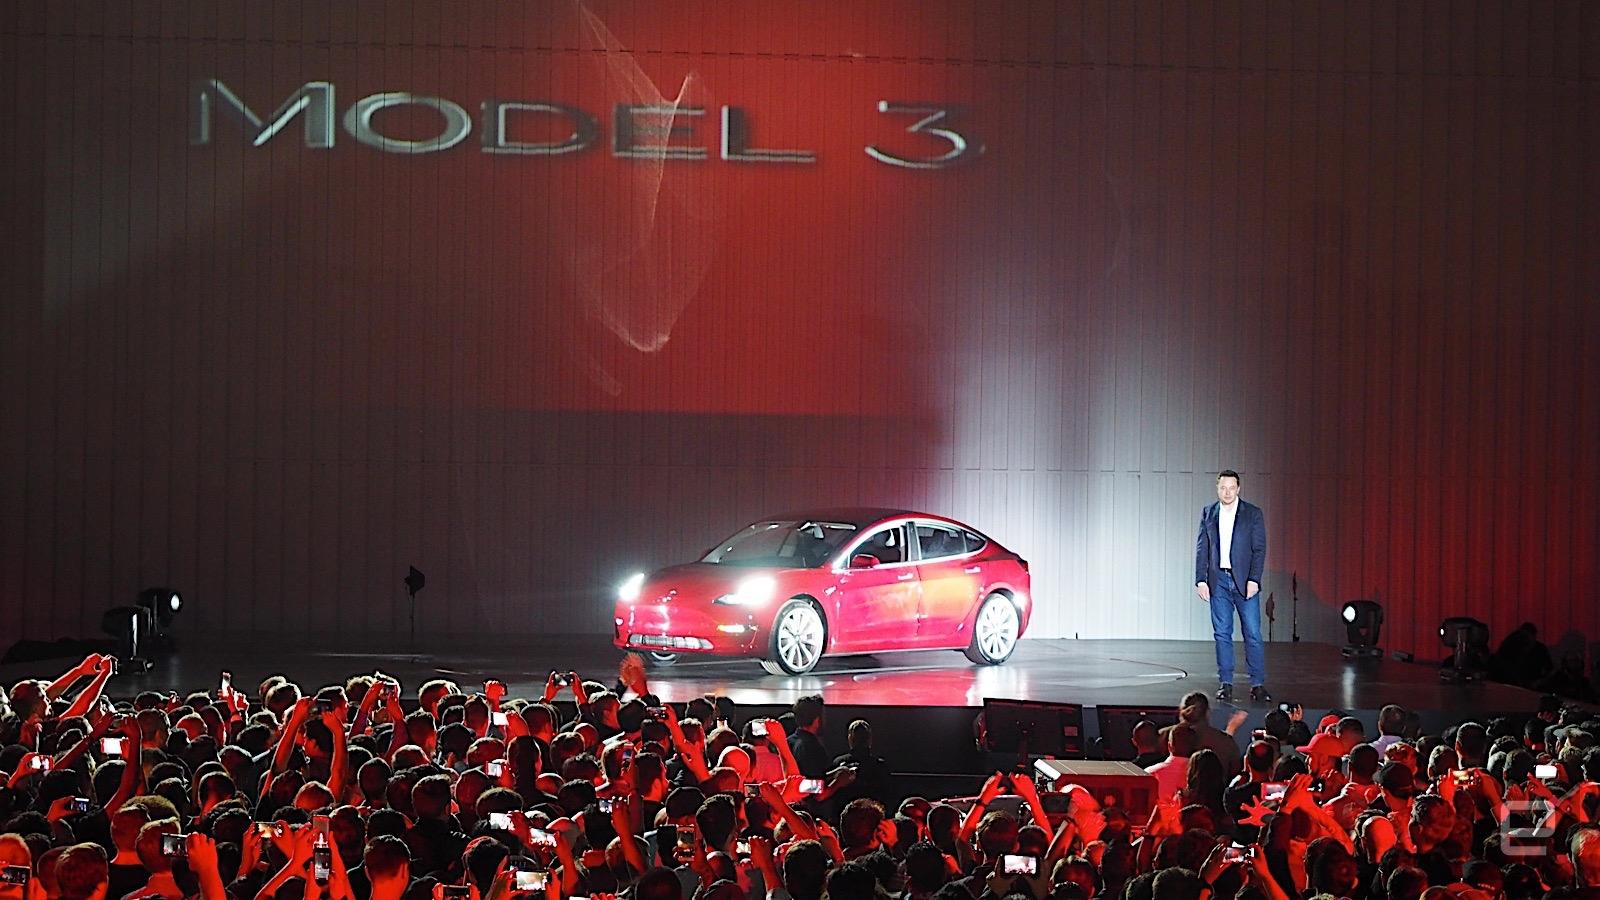 Tesla начинает продажи электромобилей Model 3, дальнобойная версия с запасом хода 500 км стоит $44 тыс.